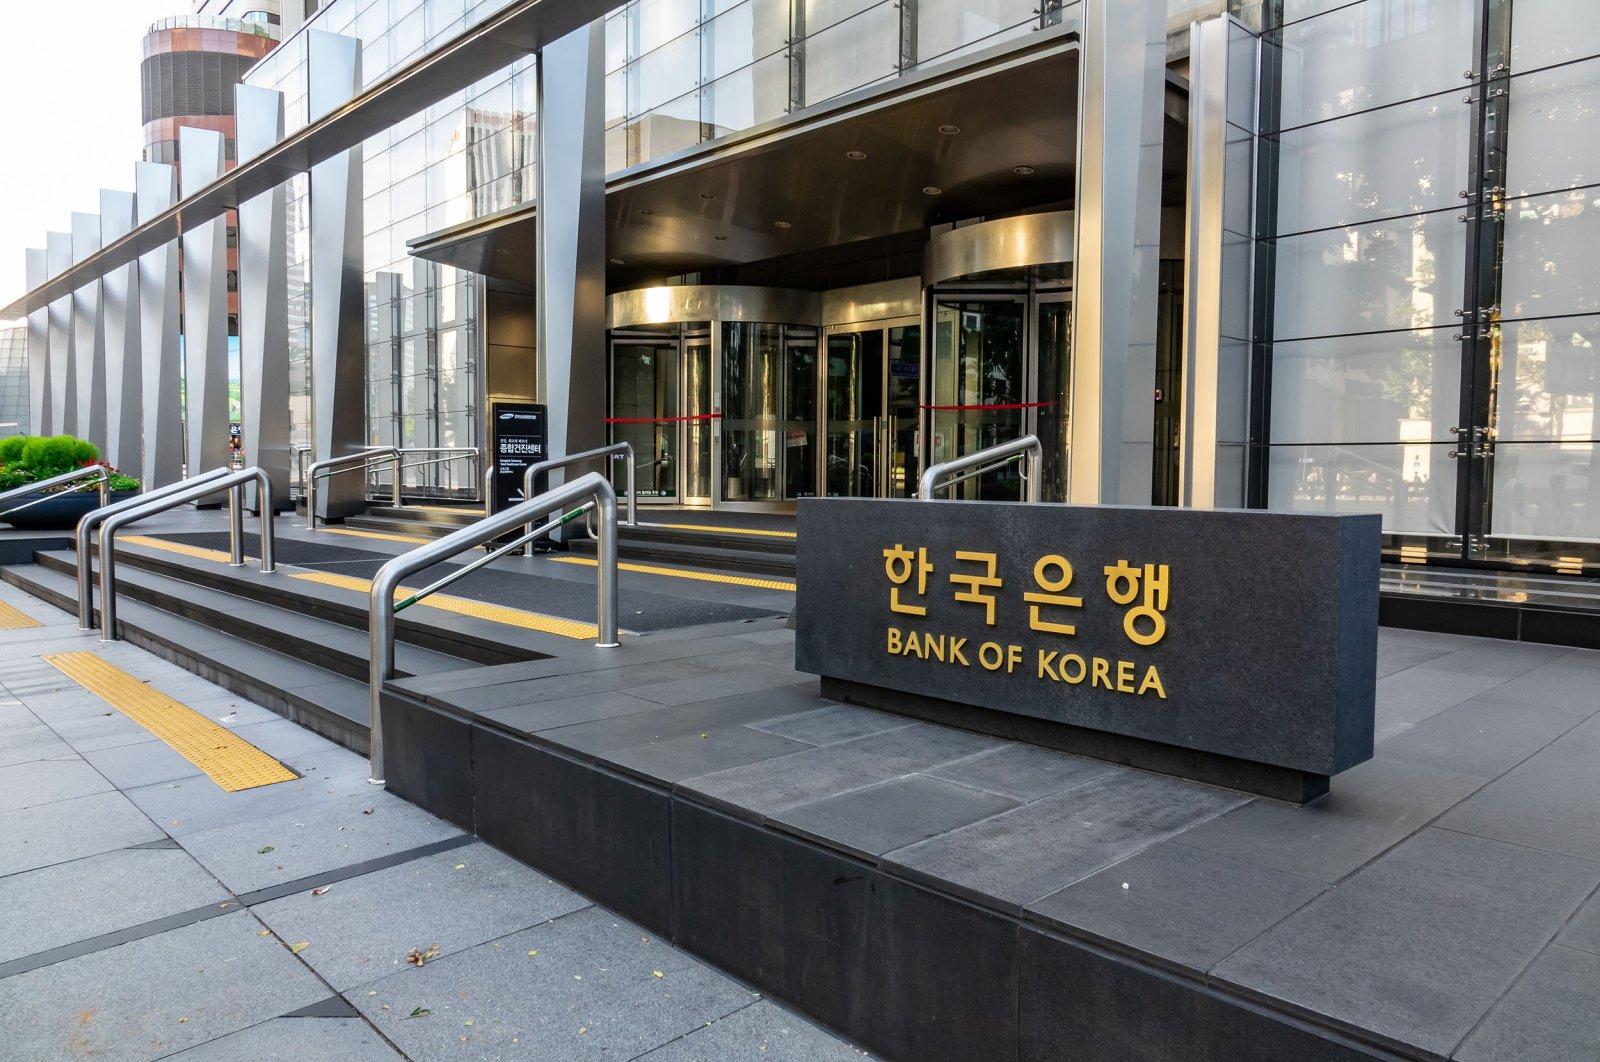 La Turquie et la Corée du Sud signent un accord d'échange de devises de 2 milliards de dollars